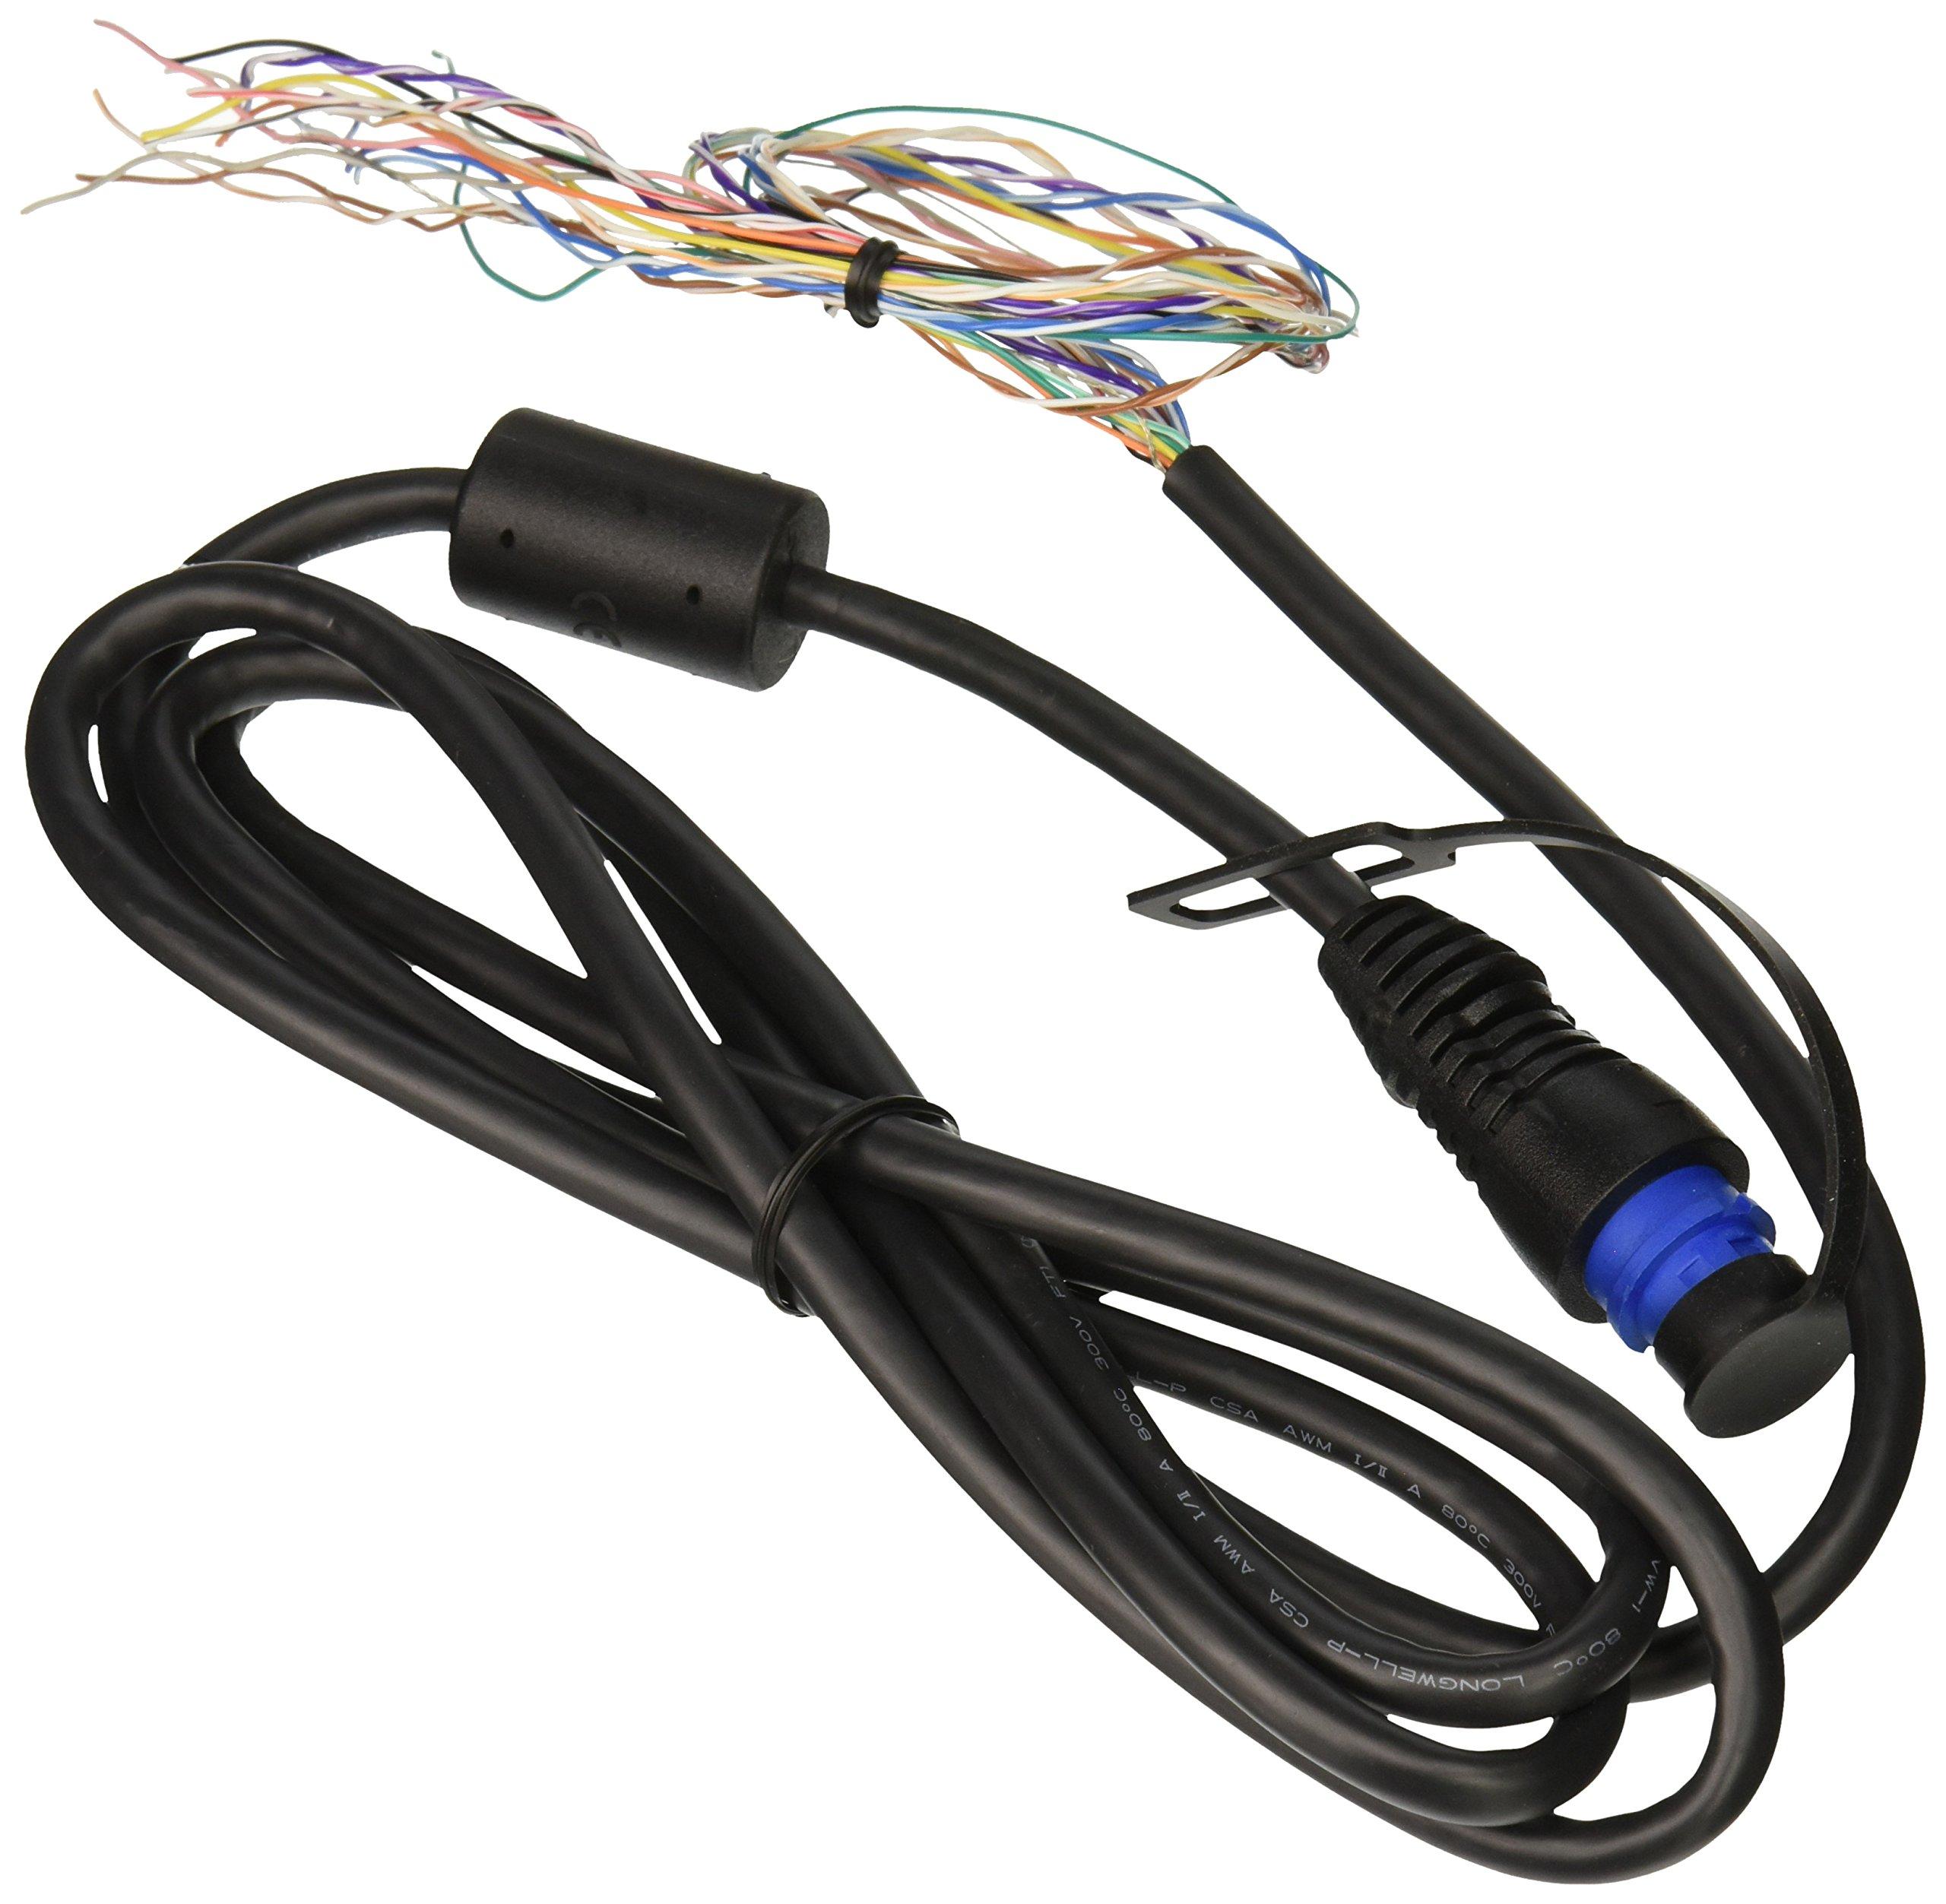 Garmin NMEA 0183 cable (replacement) by Garmin